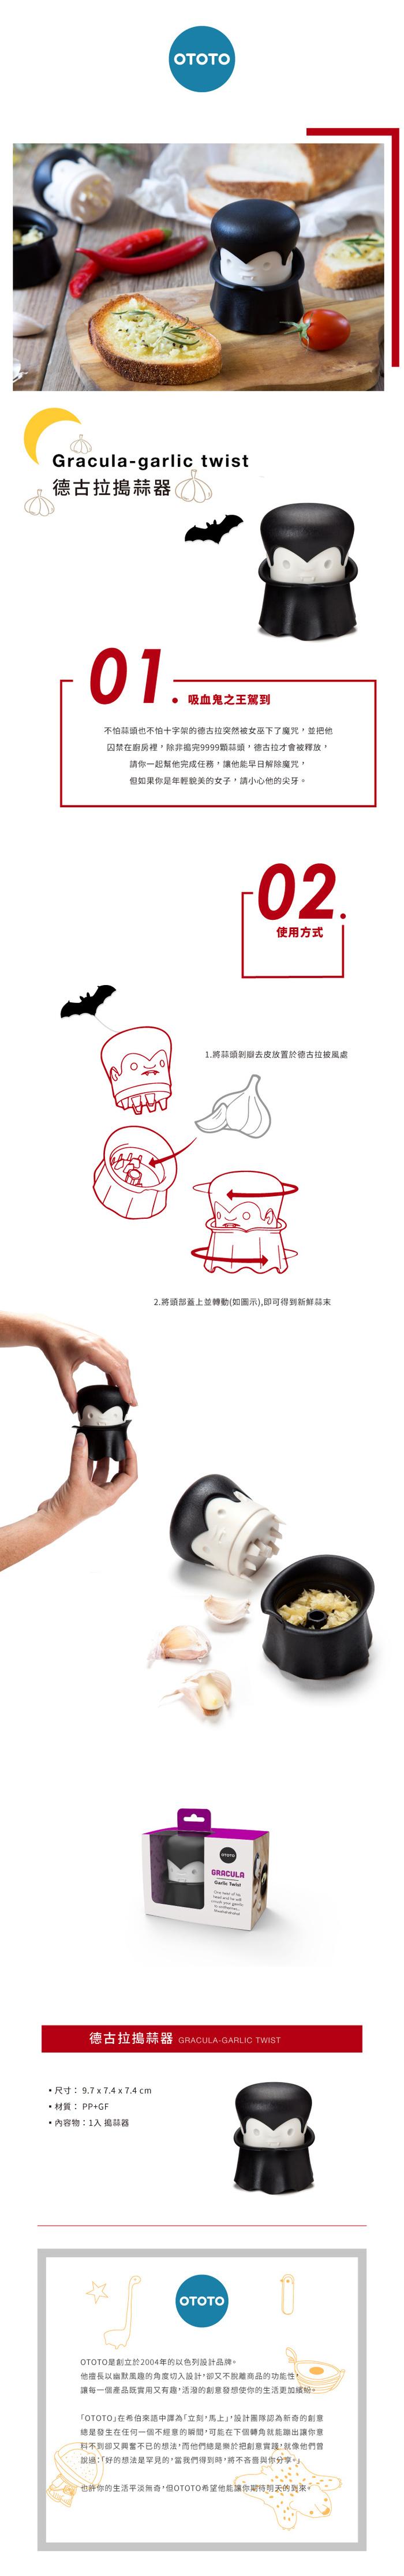 (複製)OTOTO|外星人保鮮罐